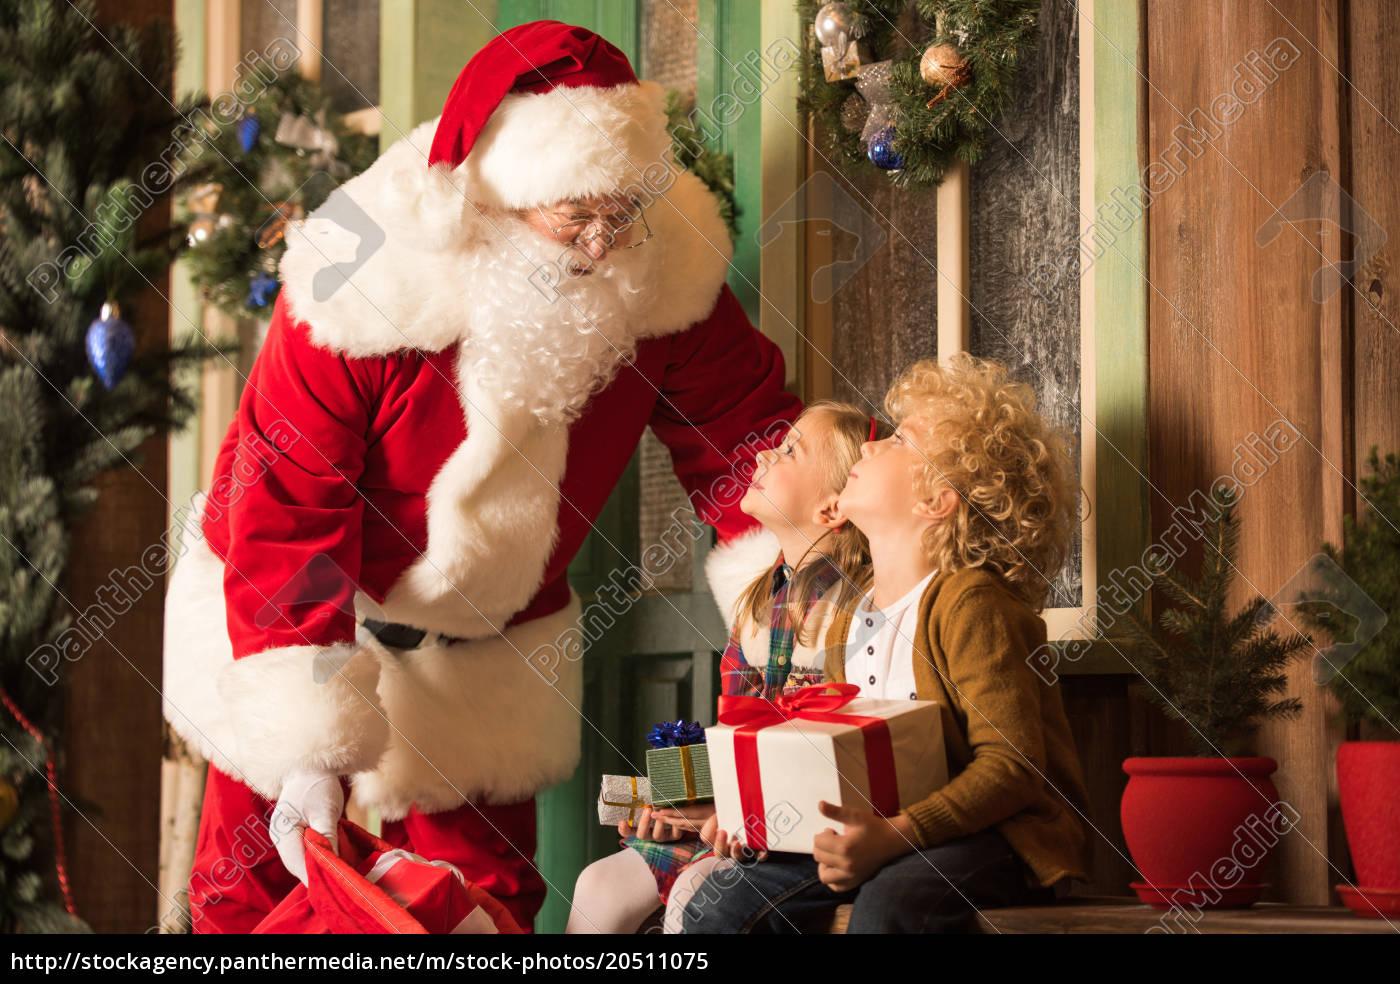 Stockfoto 20511075 - Weihnachtsmann Und Kinder Mit Geschenkboxen bestimmt für Weihnachtsmann Kinder